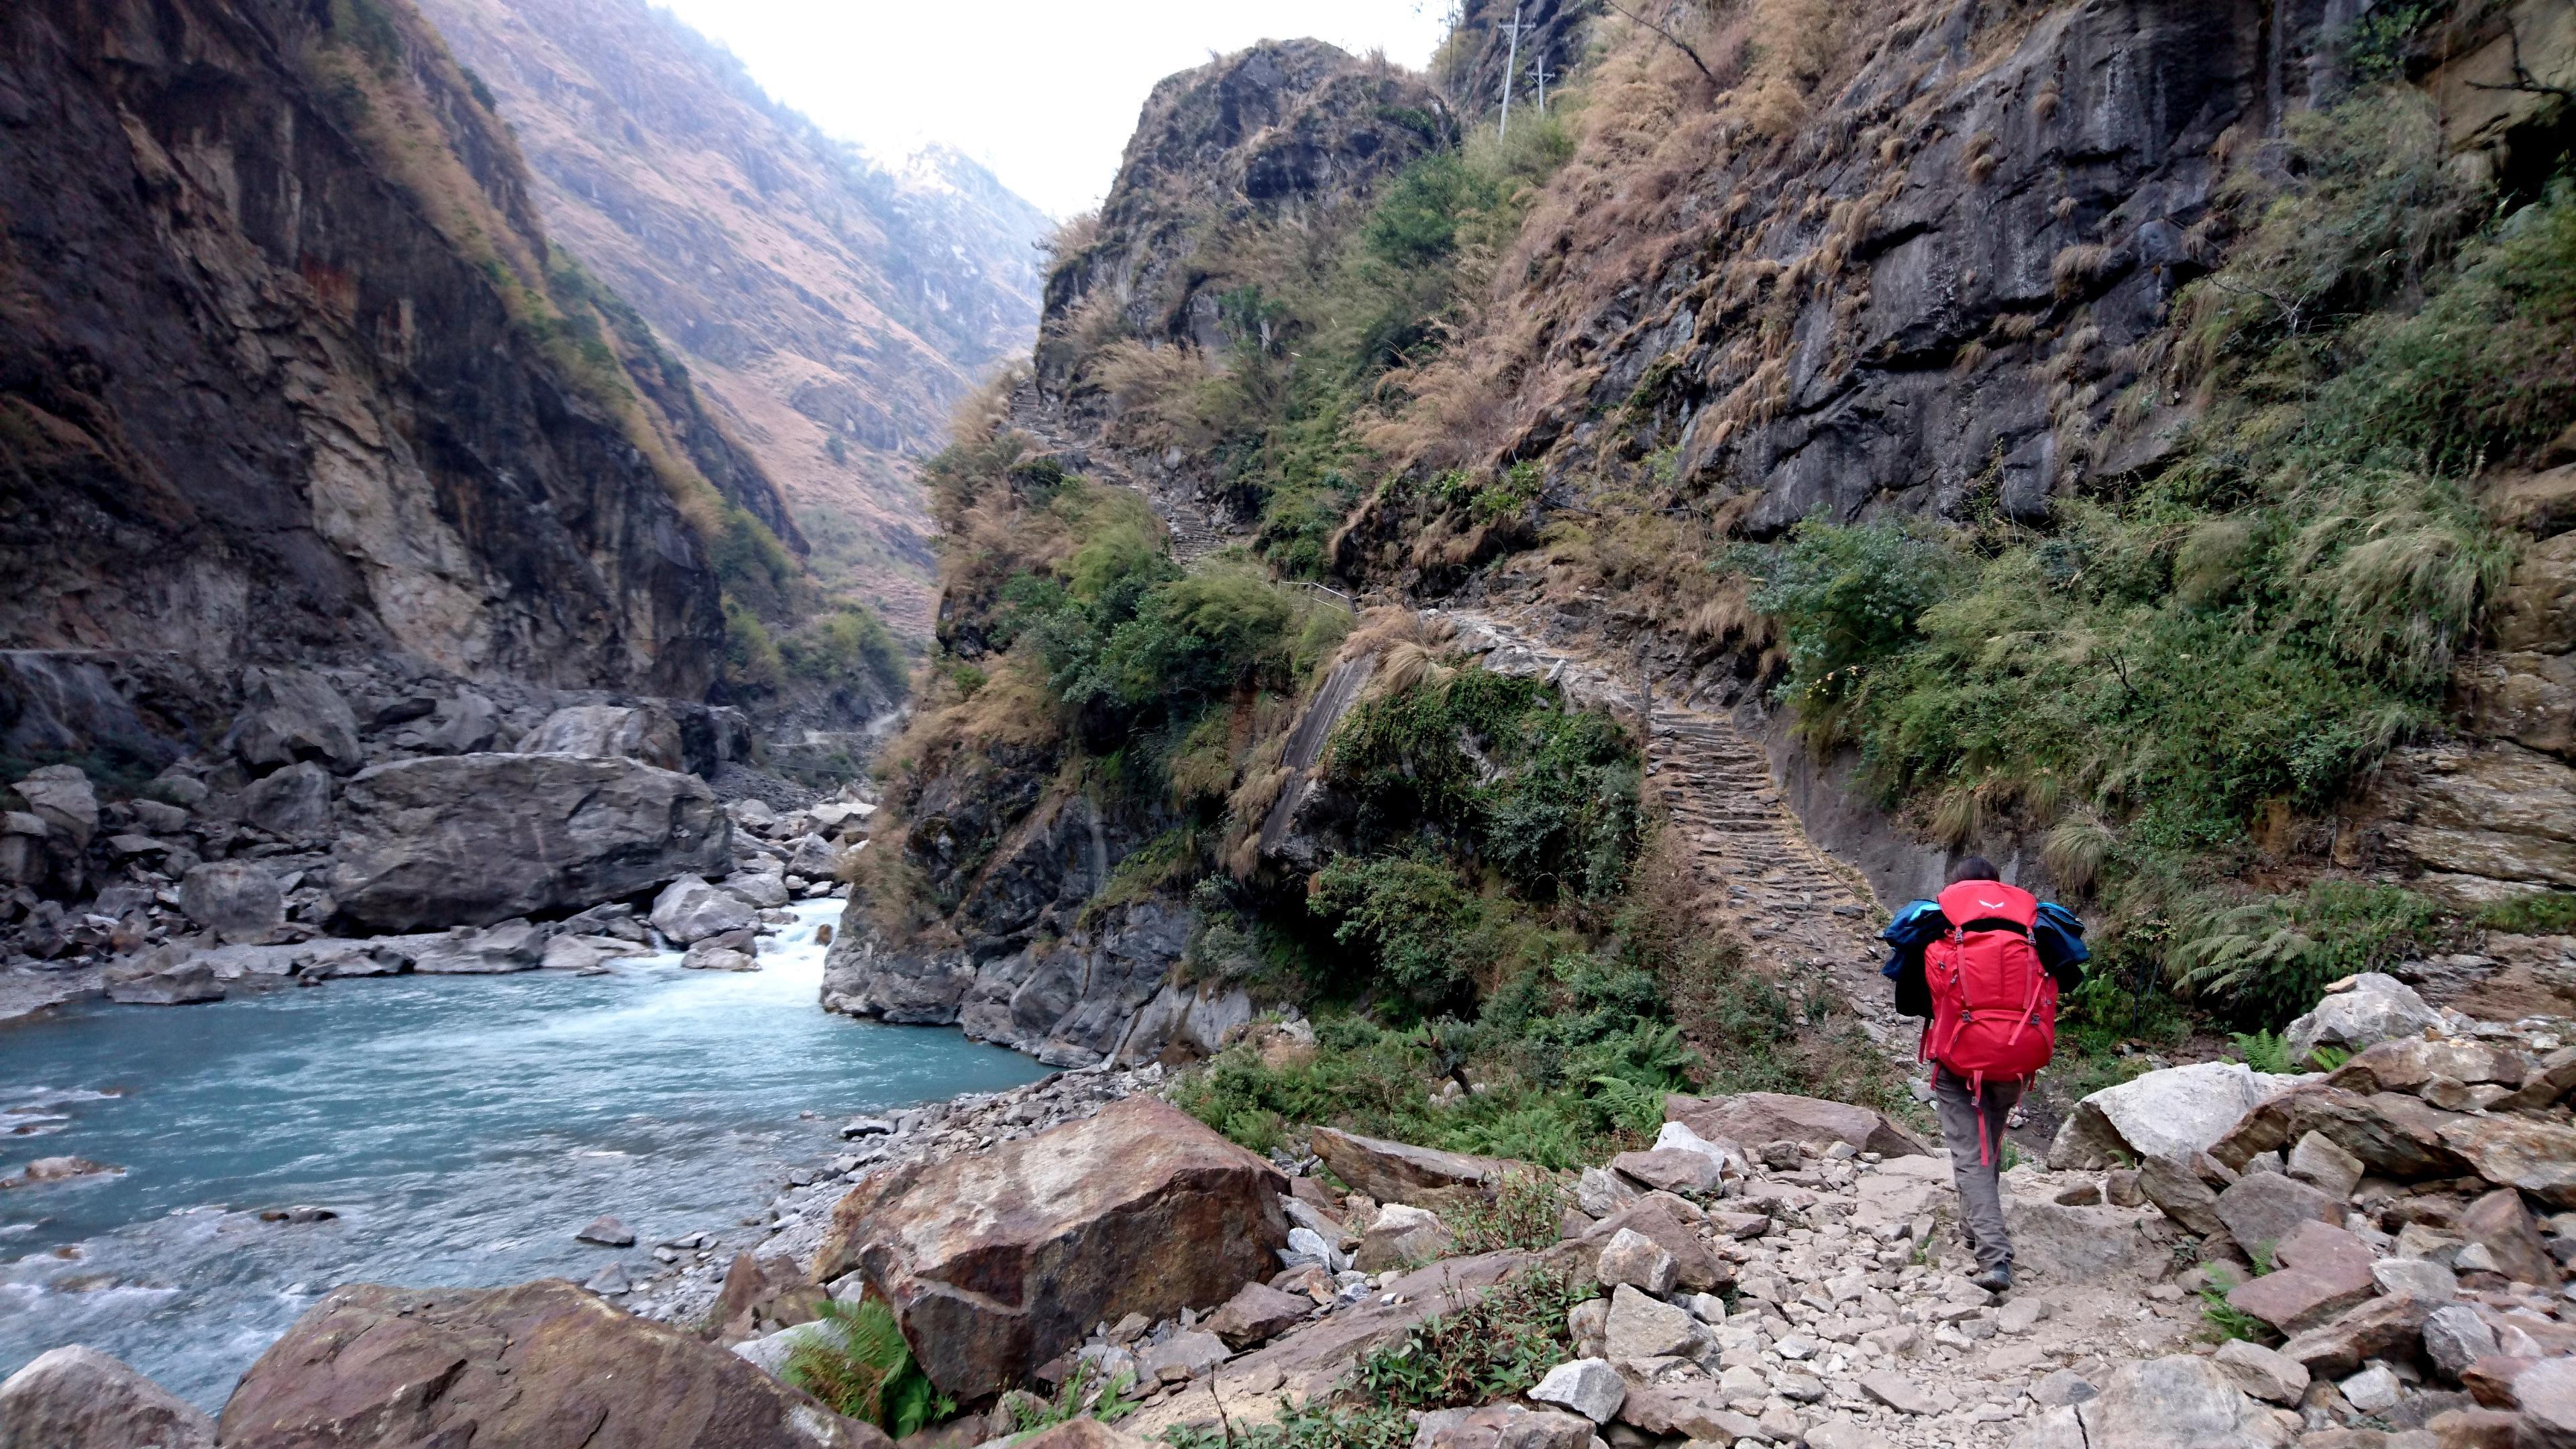 la valle si stringe diventando di nuovo un canyon. Per proseguire è necessario alzarsi di quota